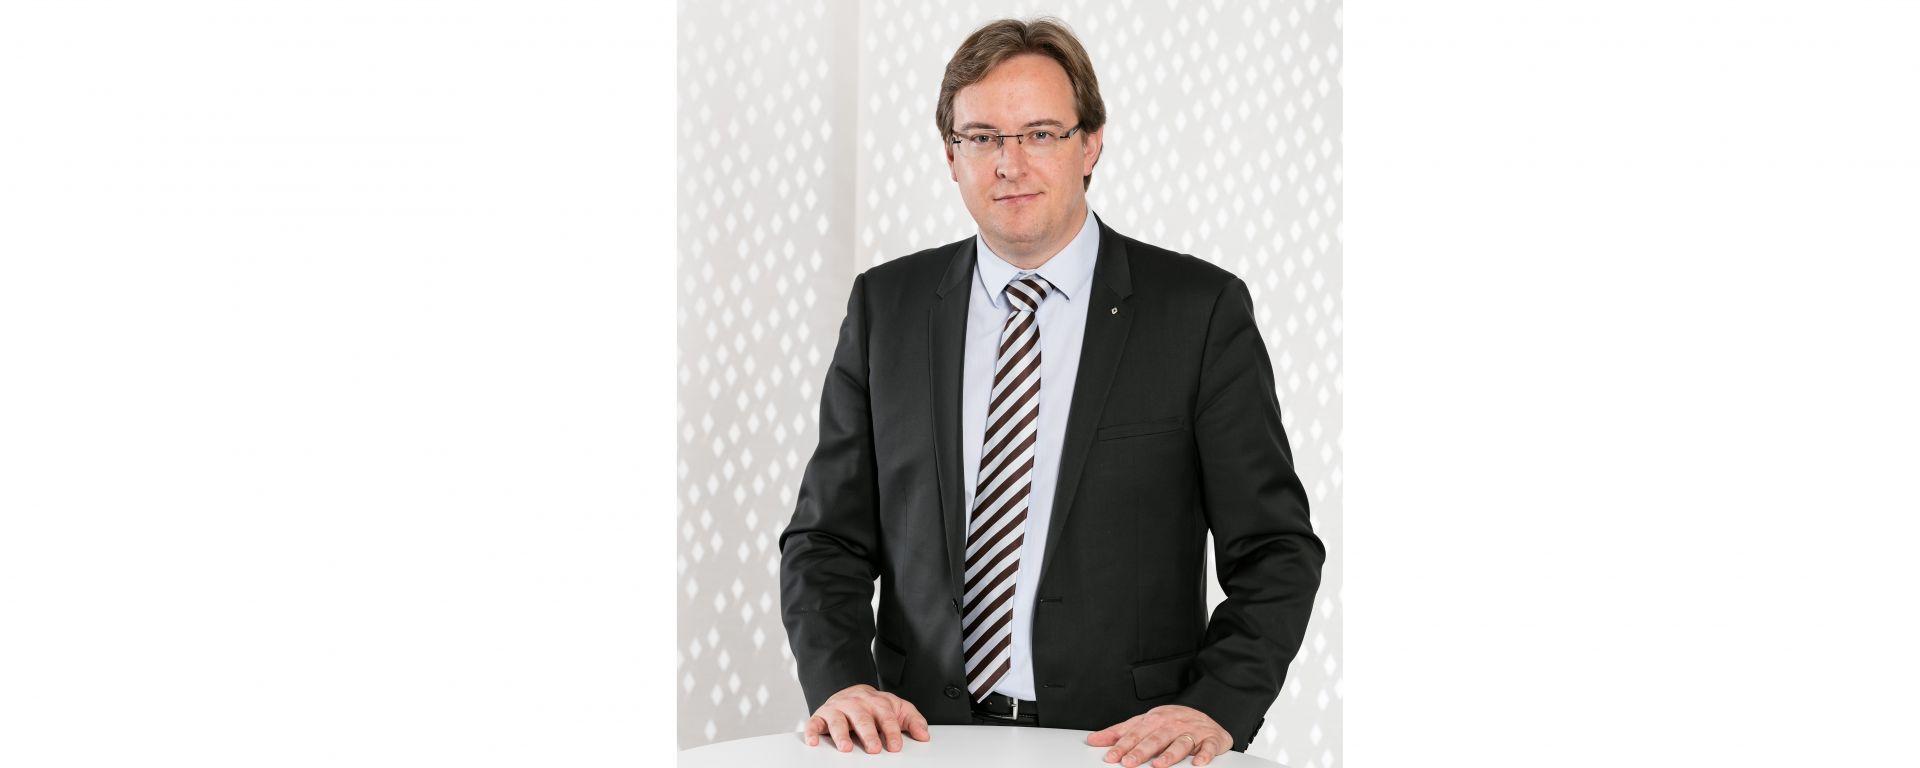 Renault: Xavier Martinet nuovo Direttore Generale per l'Italia